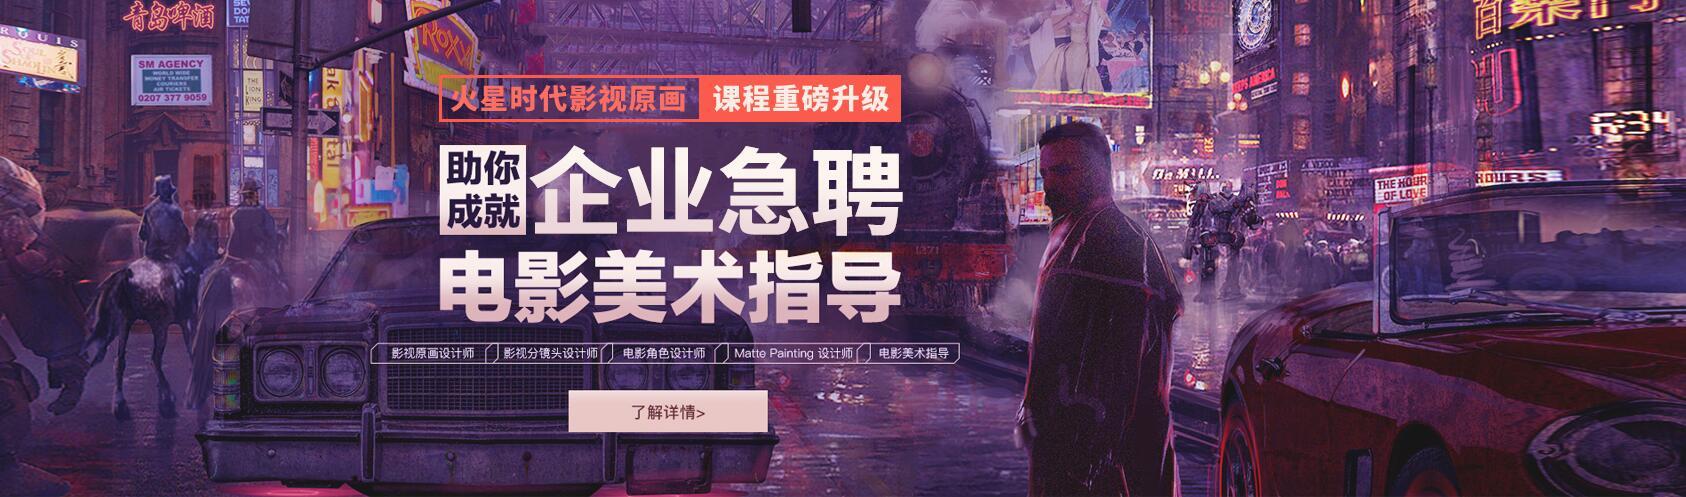 深圳原画高级设计师培训班